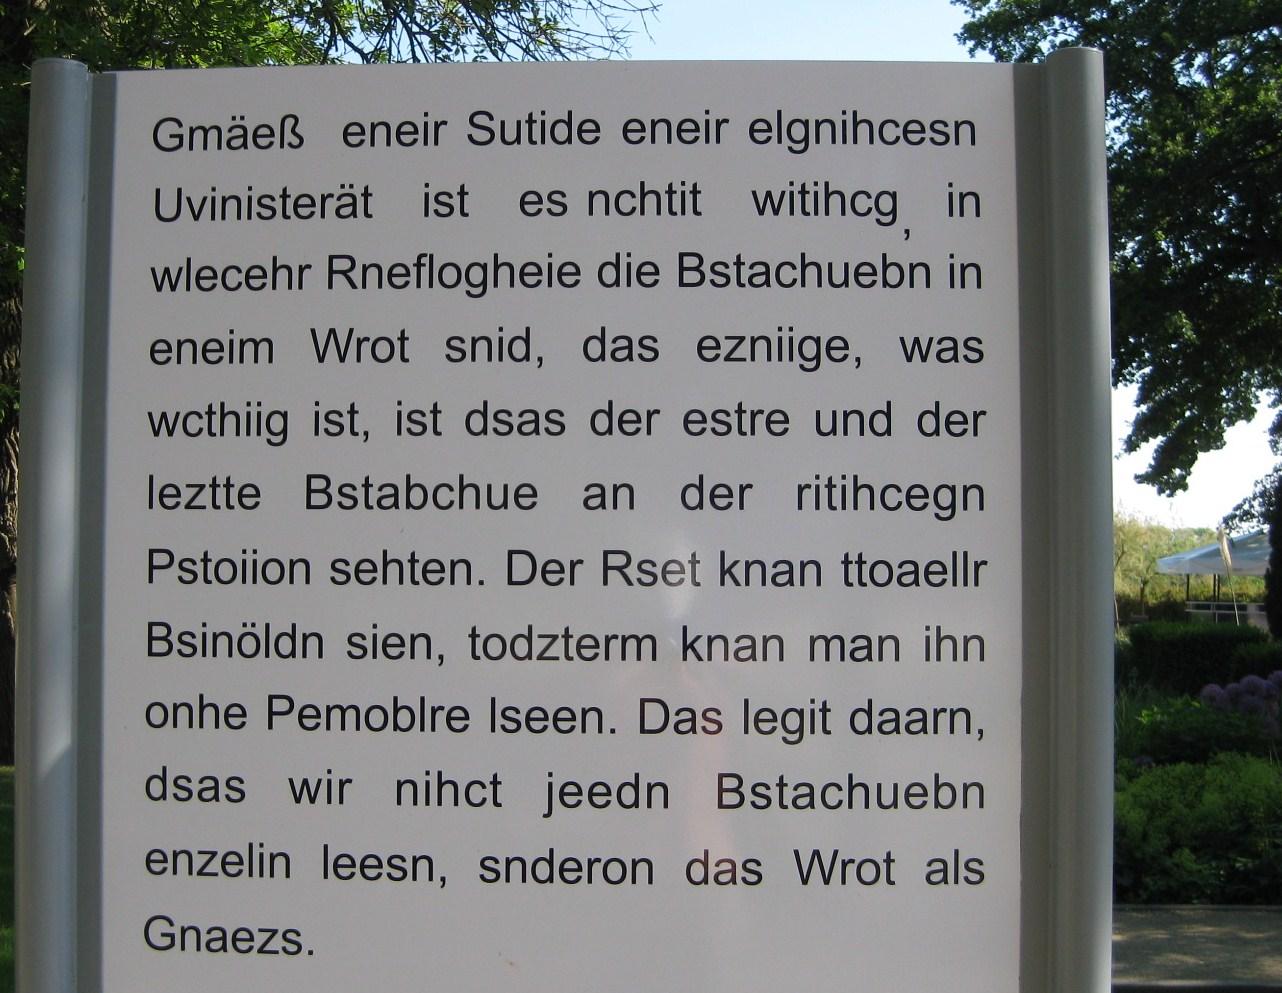 Wer kann das lesen?